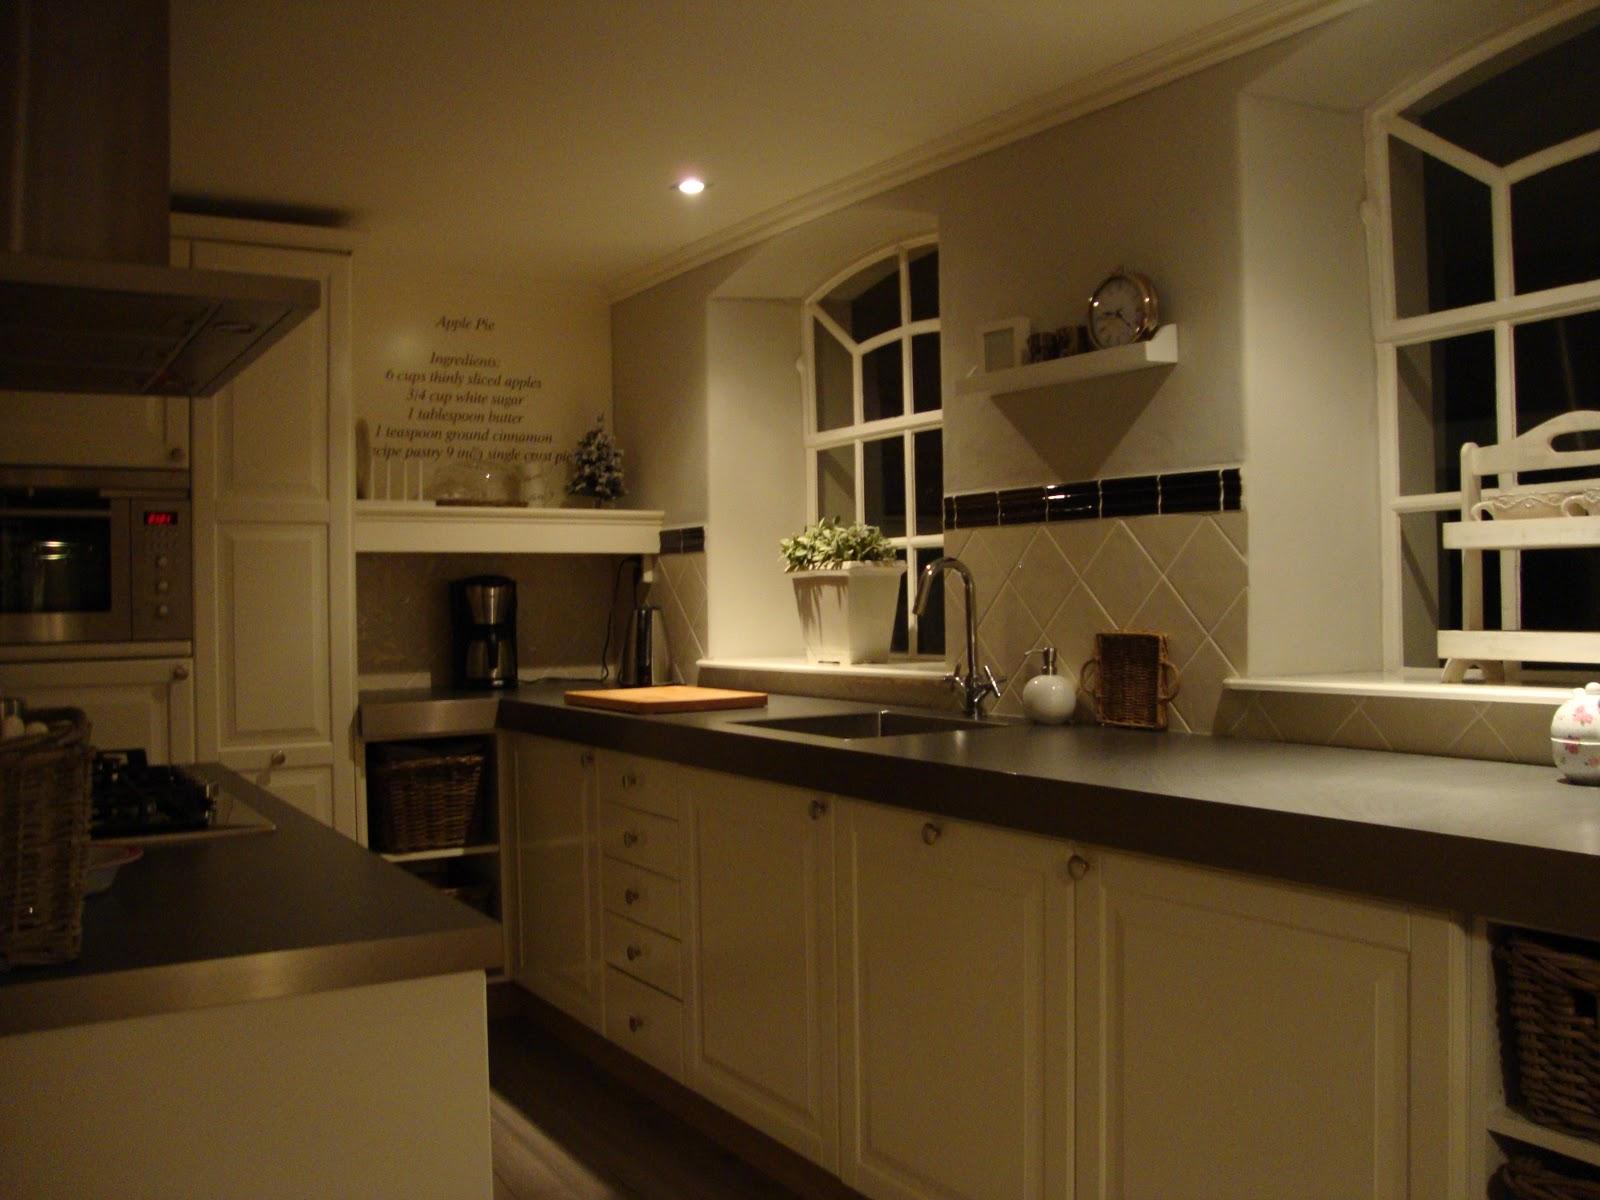 Landelijk wonen landelijk wonen comfortabel zitten op de klepbank - Keuken decoratie ideeen ...